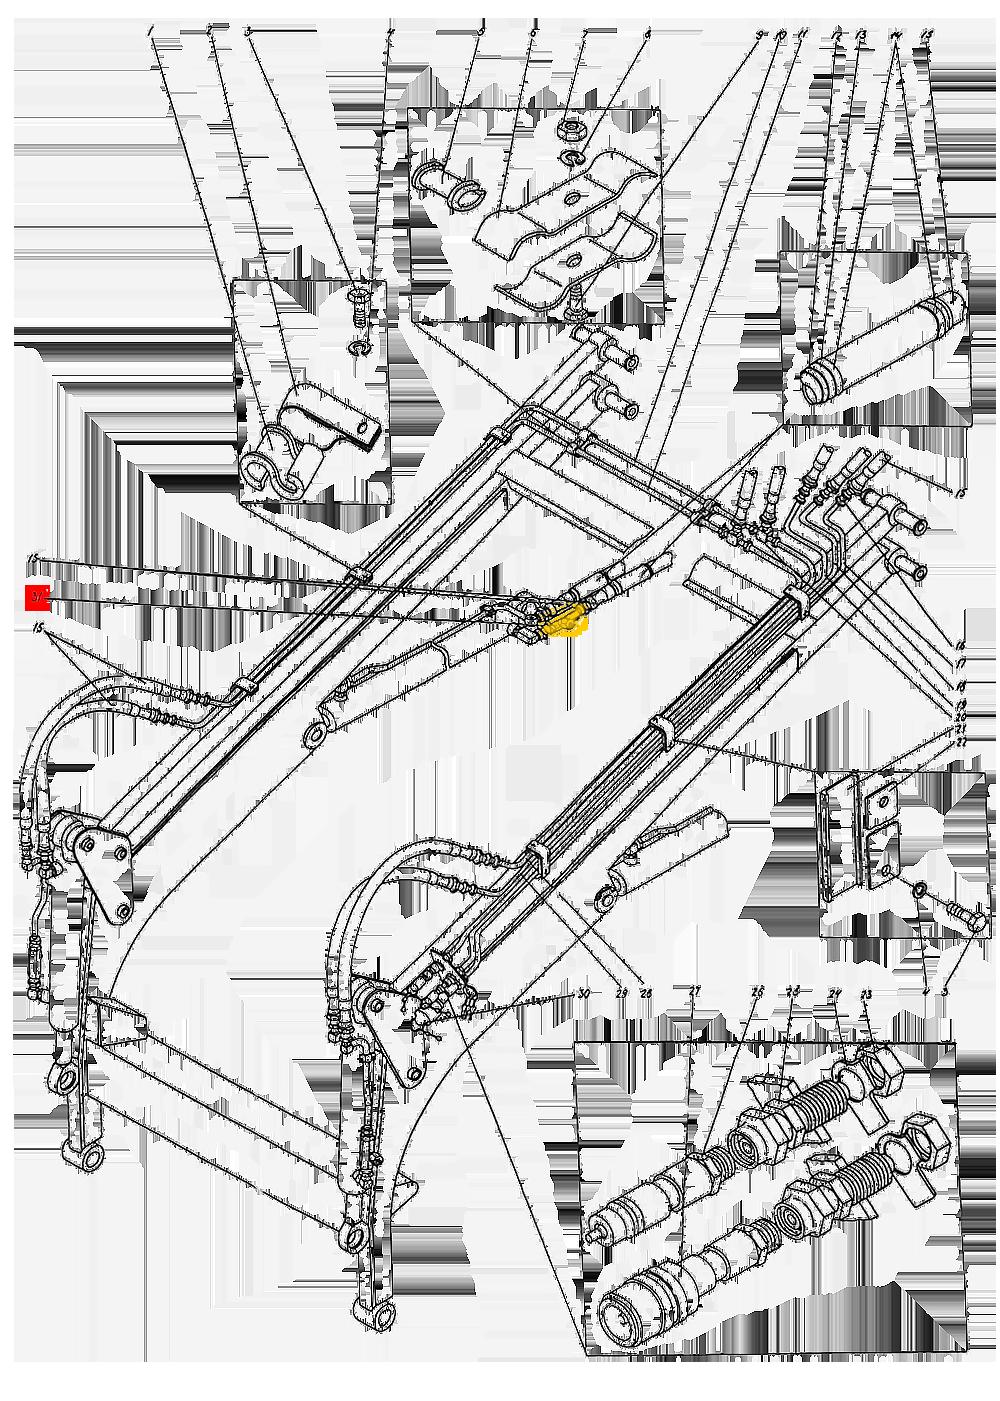 Дроссель П1.12.00.550-сб-2